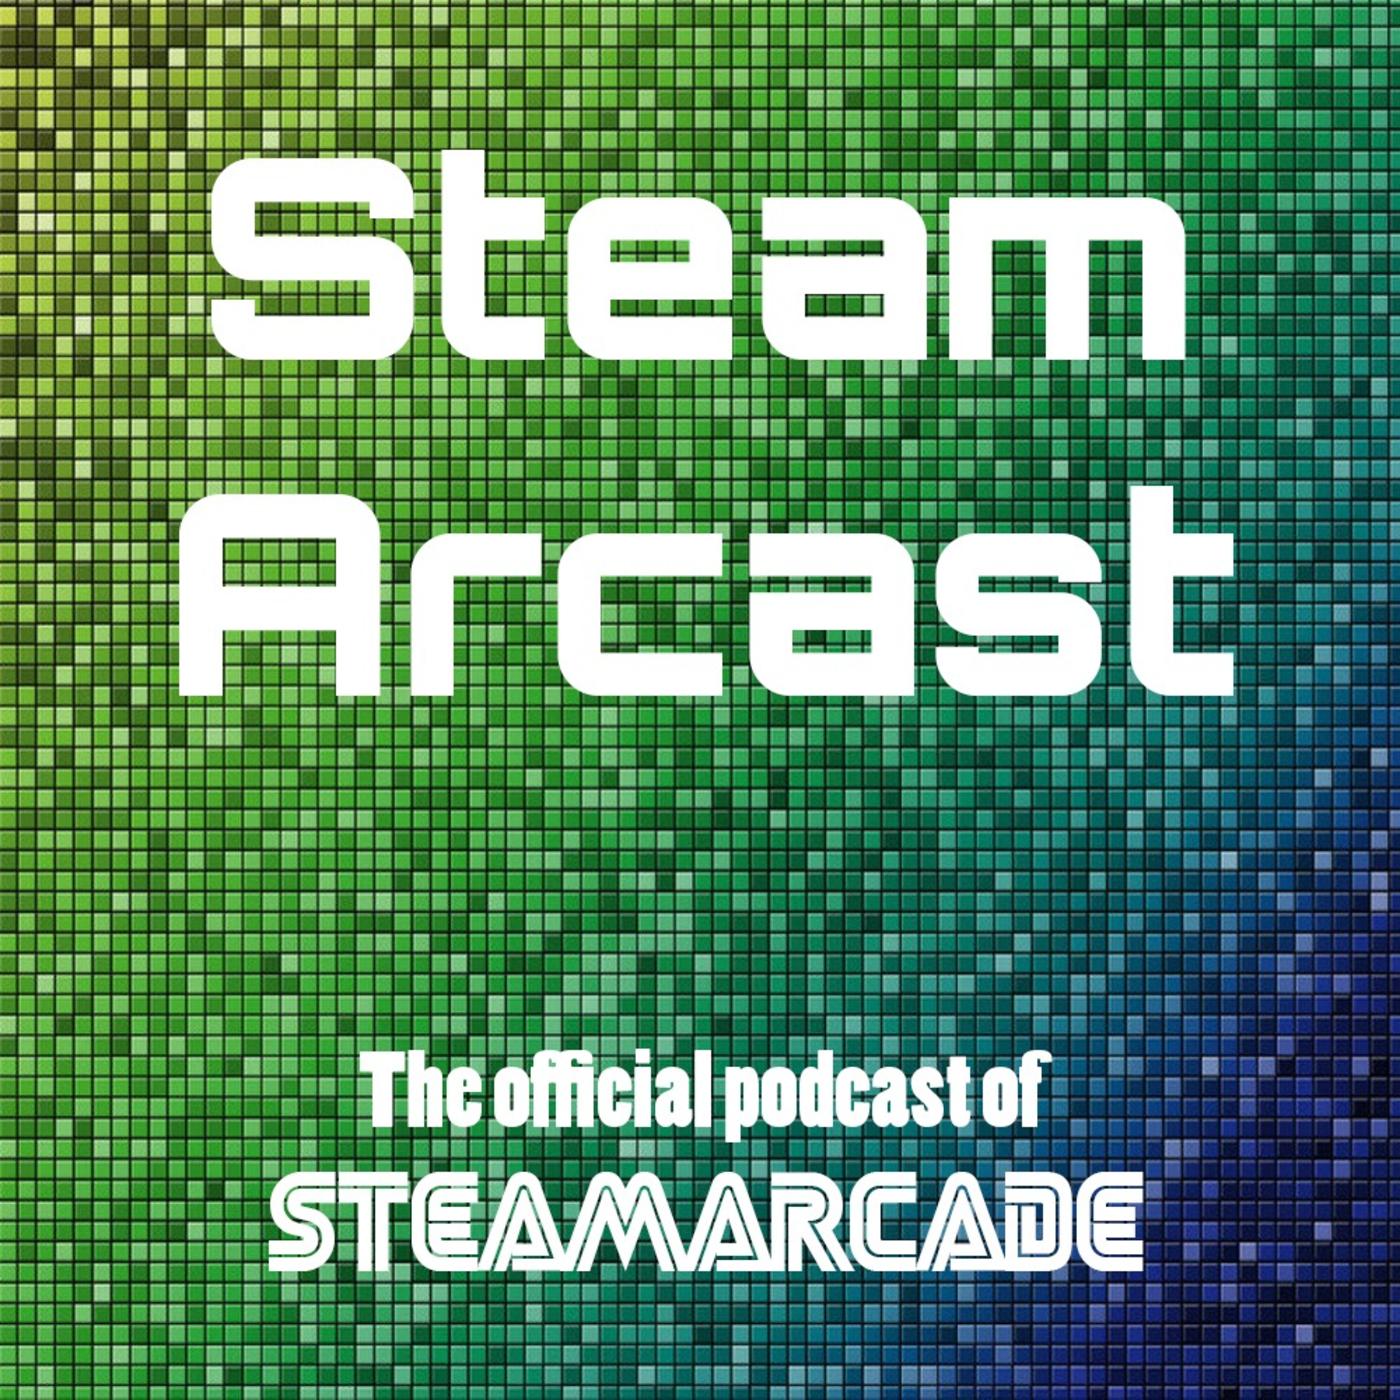 SteamArcast